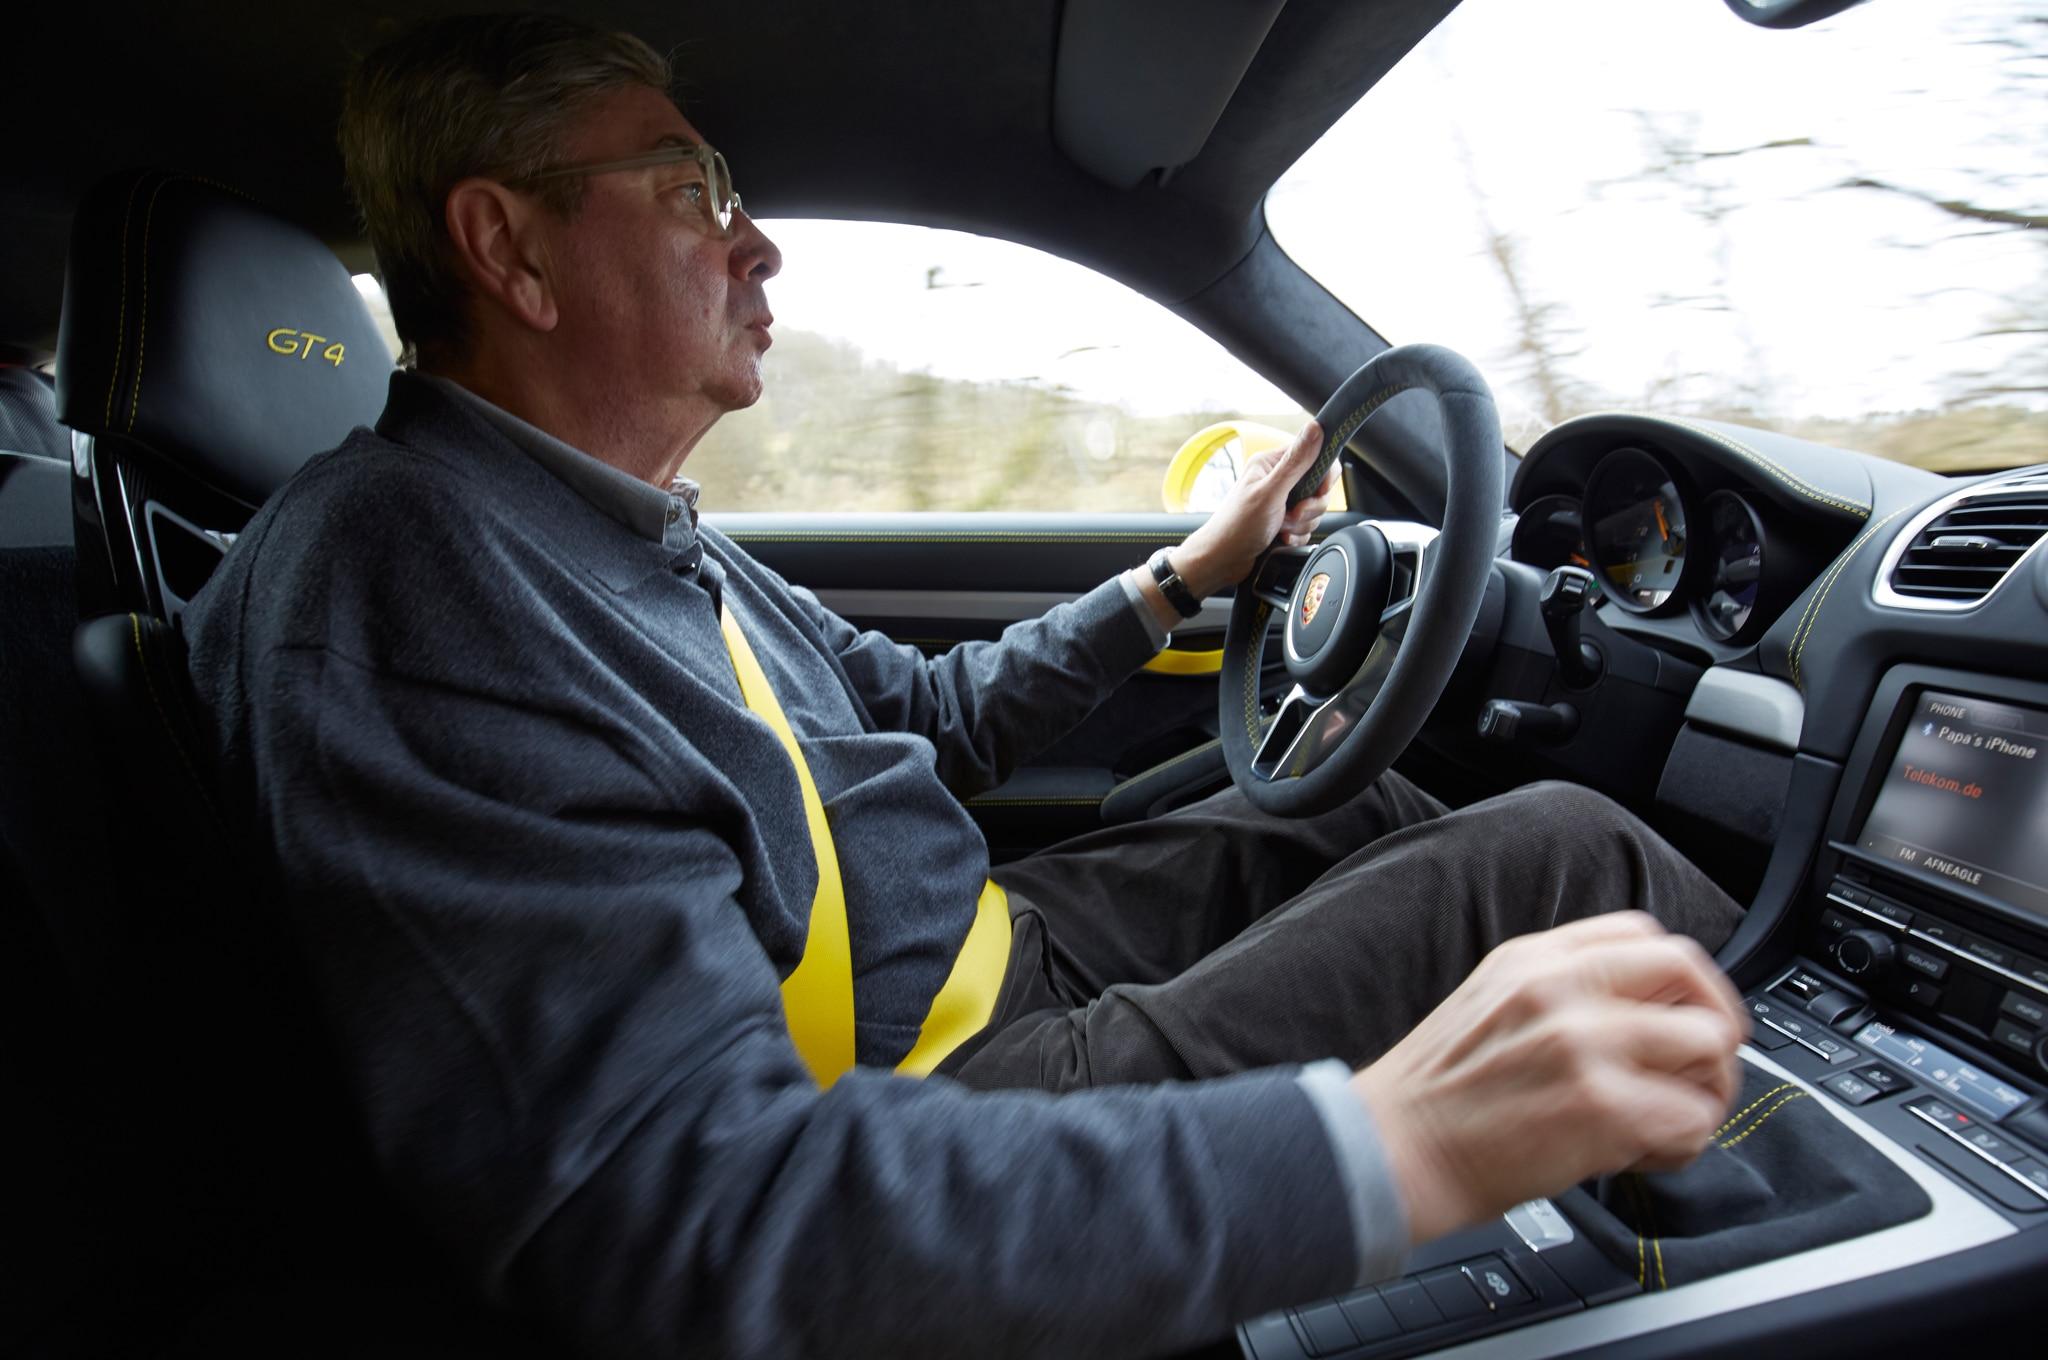 2016 porsche cayman gt4 georg kacher driving 03 - 2015 Porsche Cayman Gt4 Interior